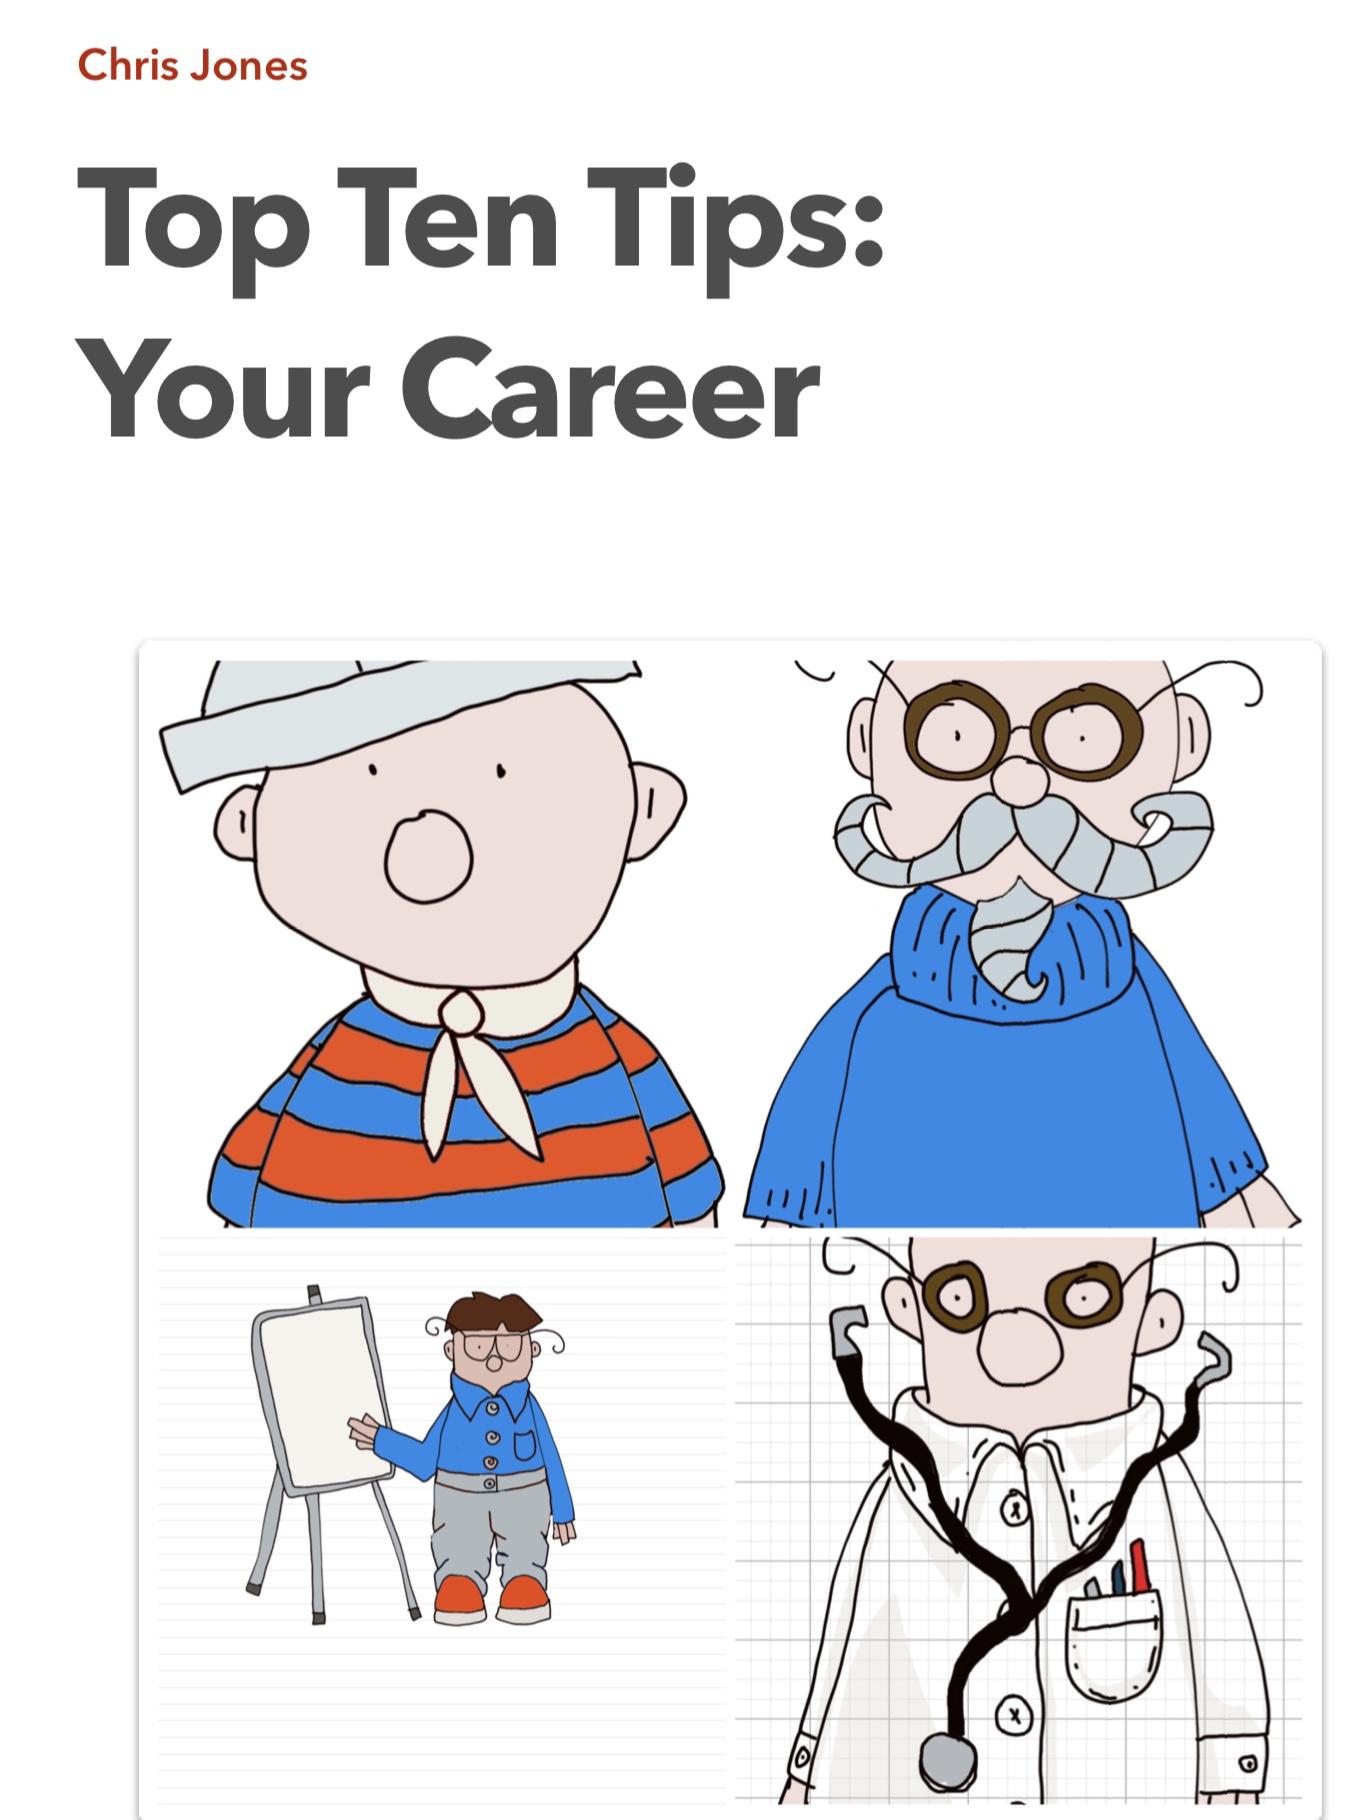 Top Ten Tips: Your Career